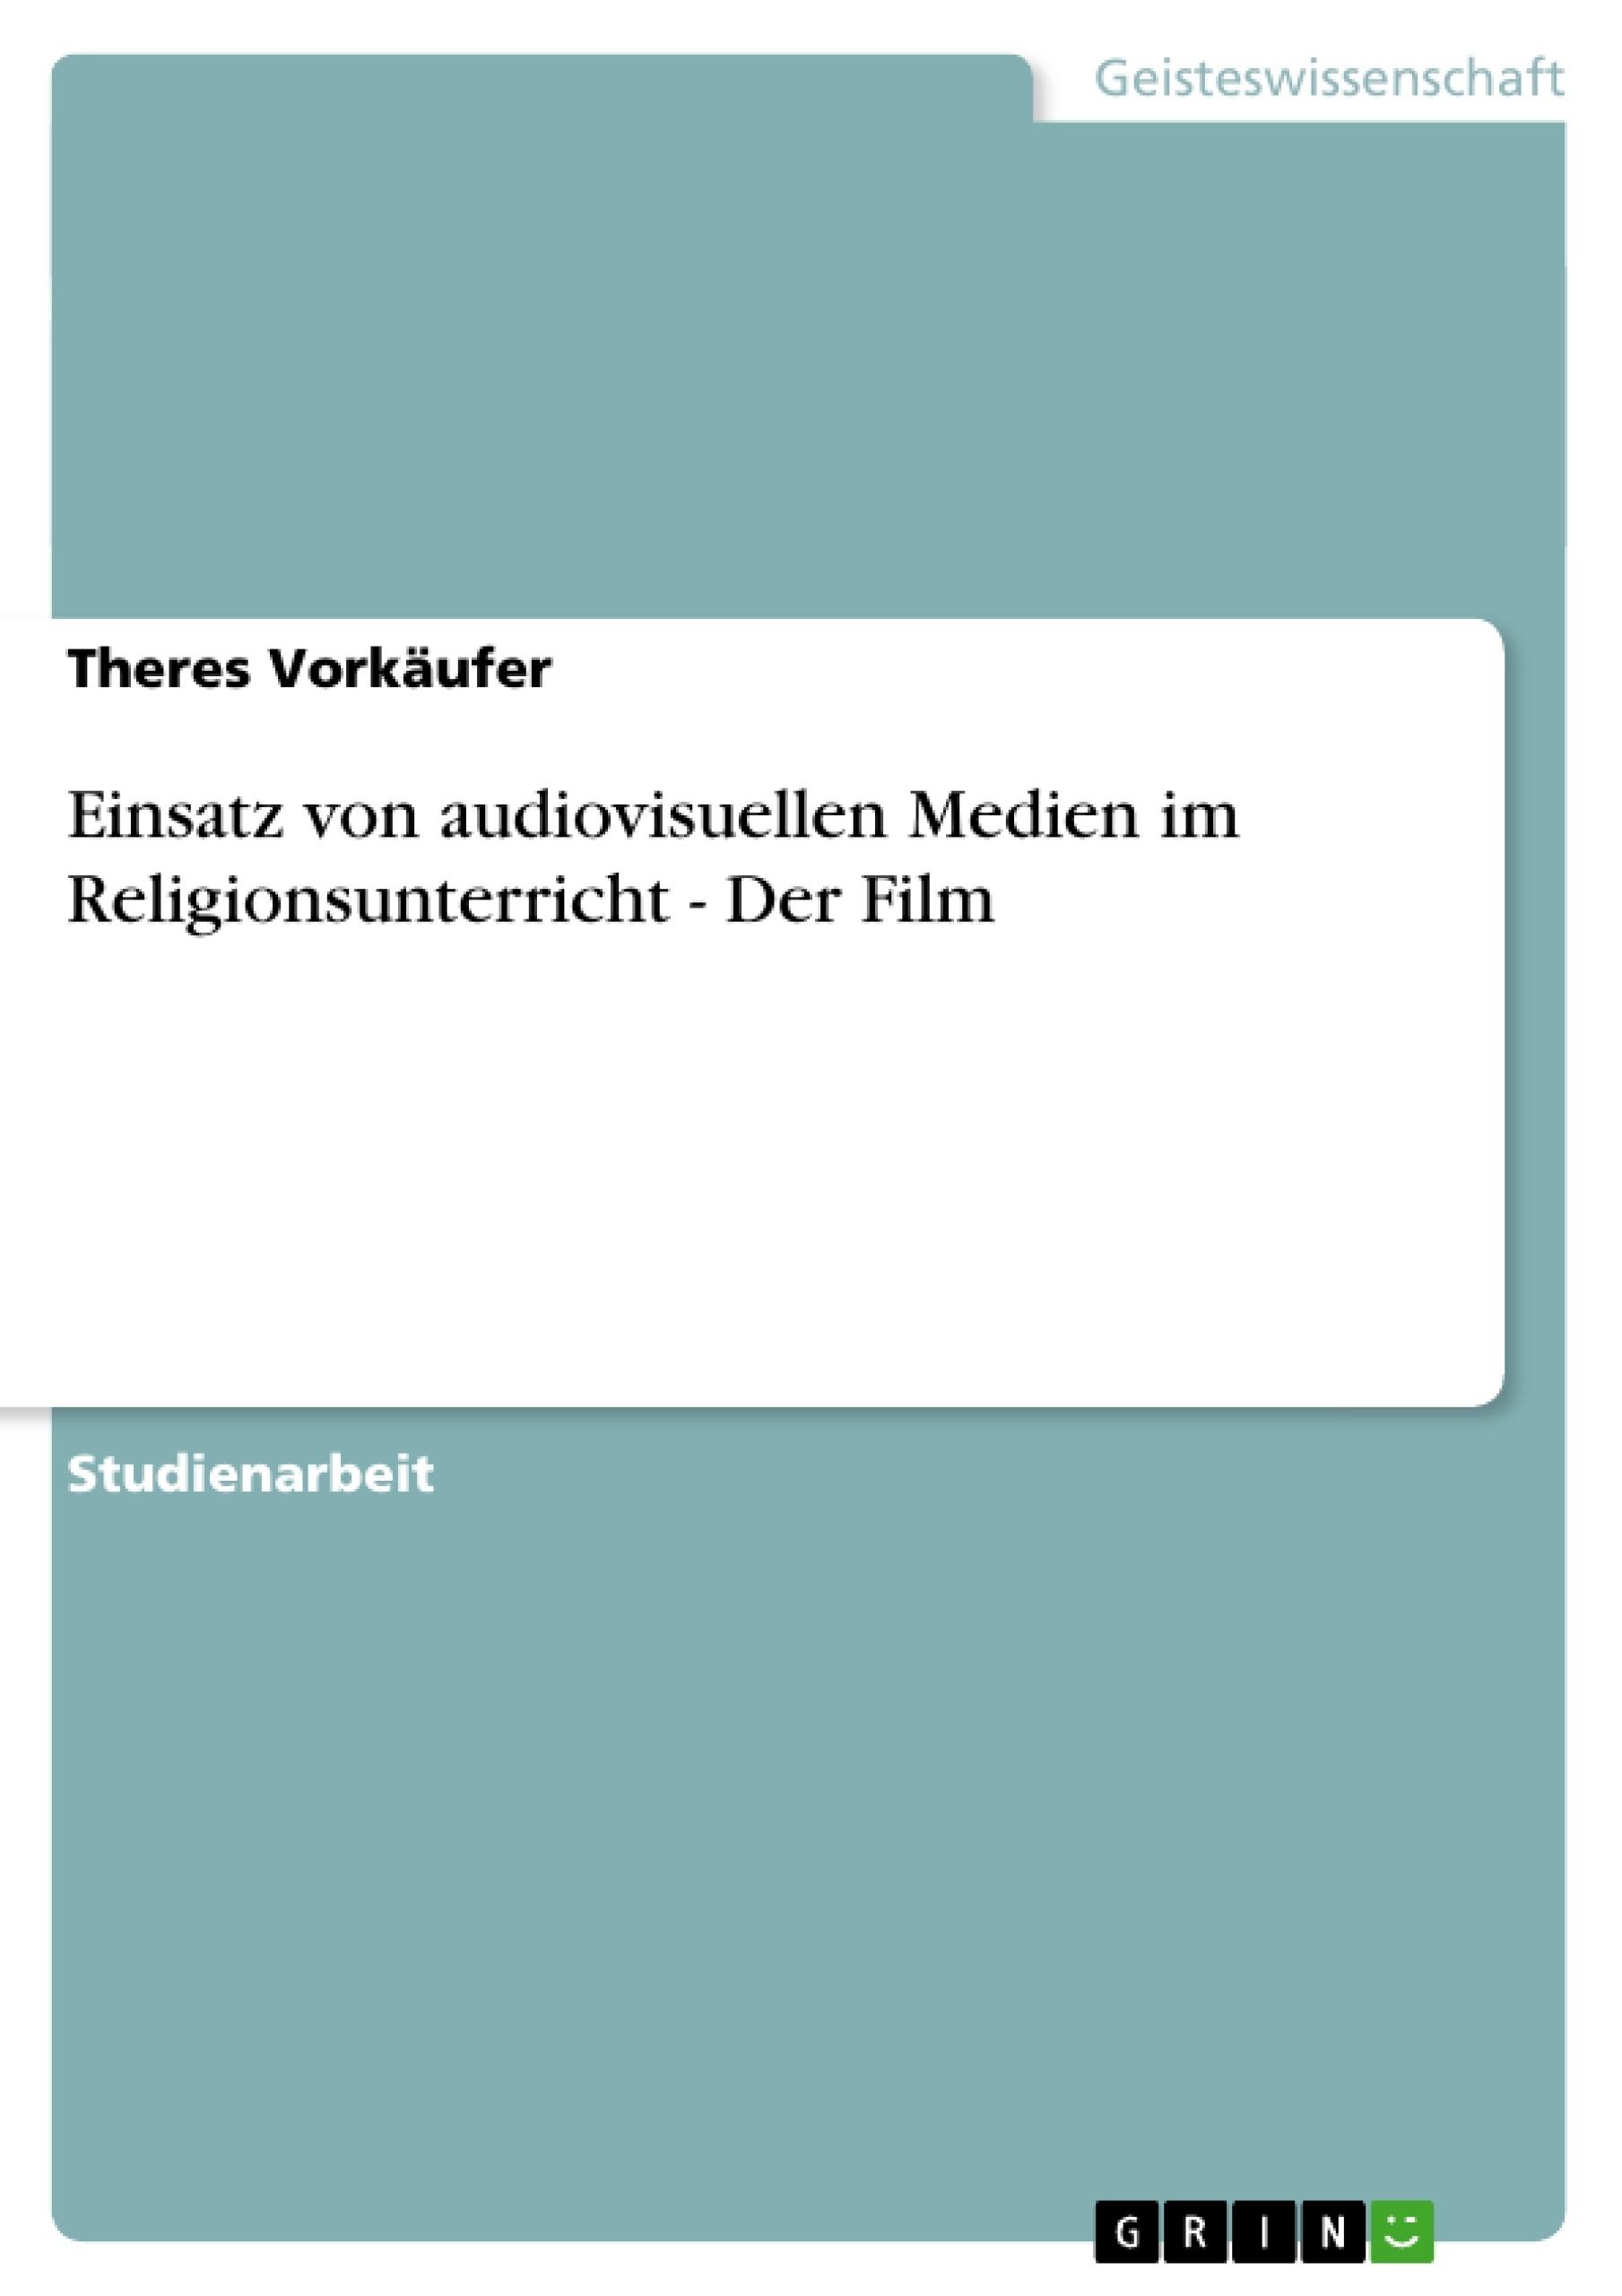 Titel: Einsatz von audiovisuellen Medien im Religionsunterricht - Der Film